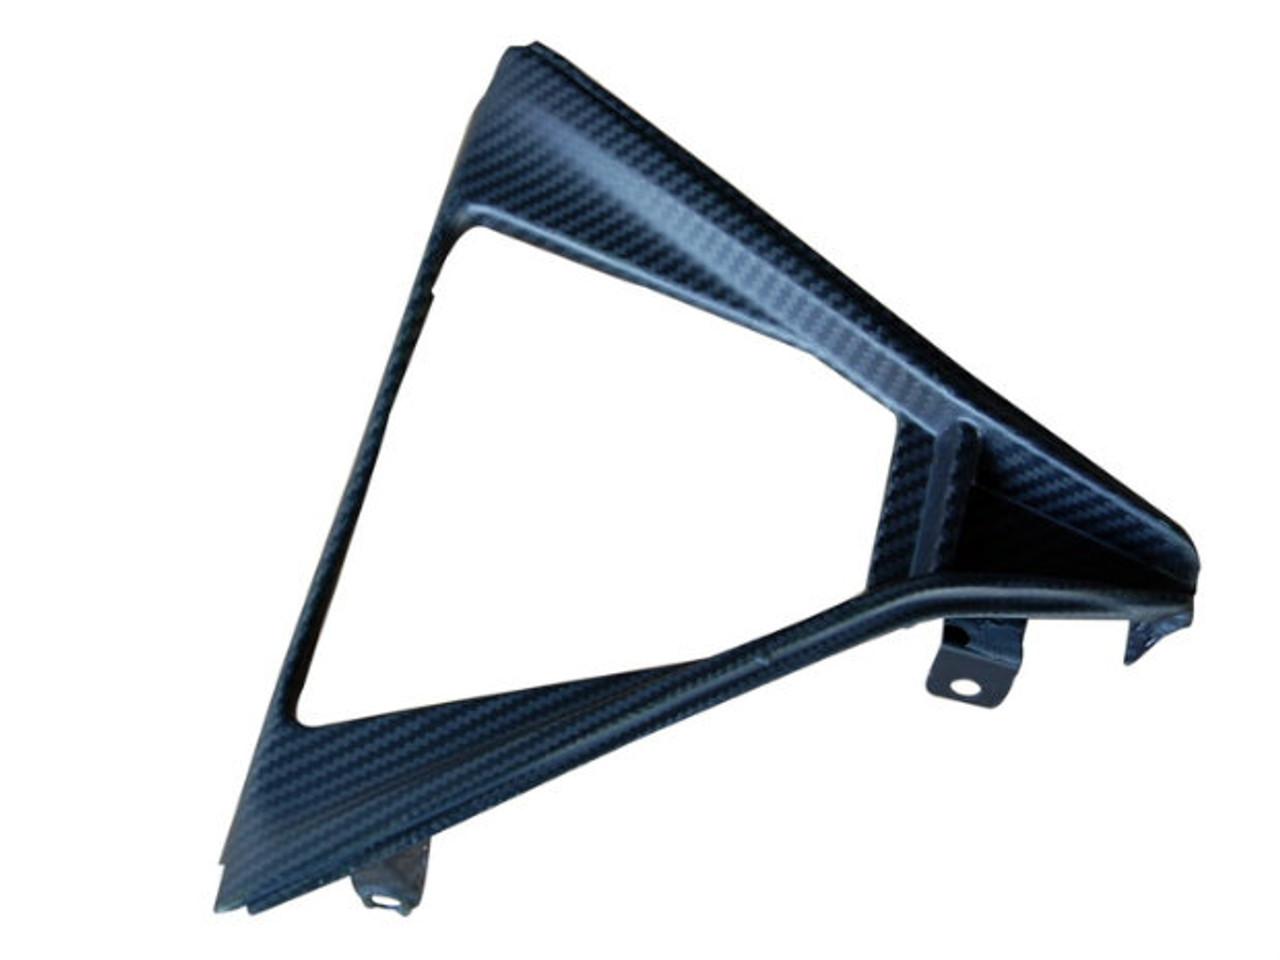 V-Panel in Matte Twill Weave Carbon Fiber for MV Agusta F3 675 & 800